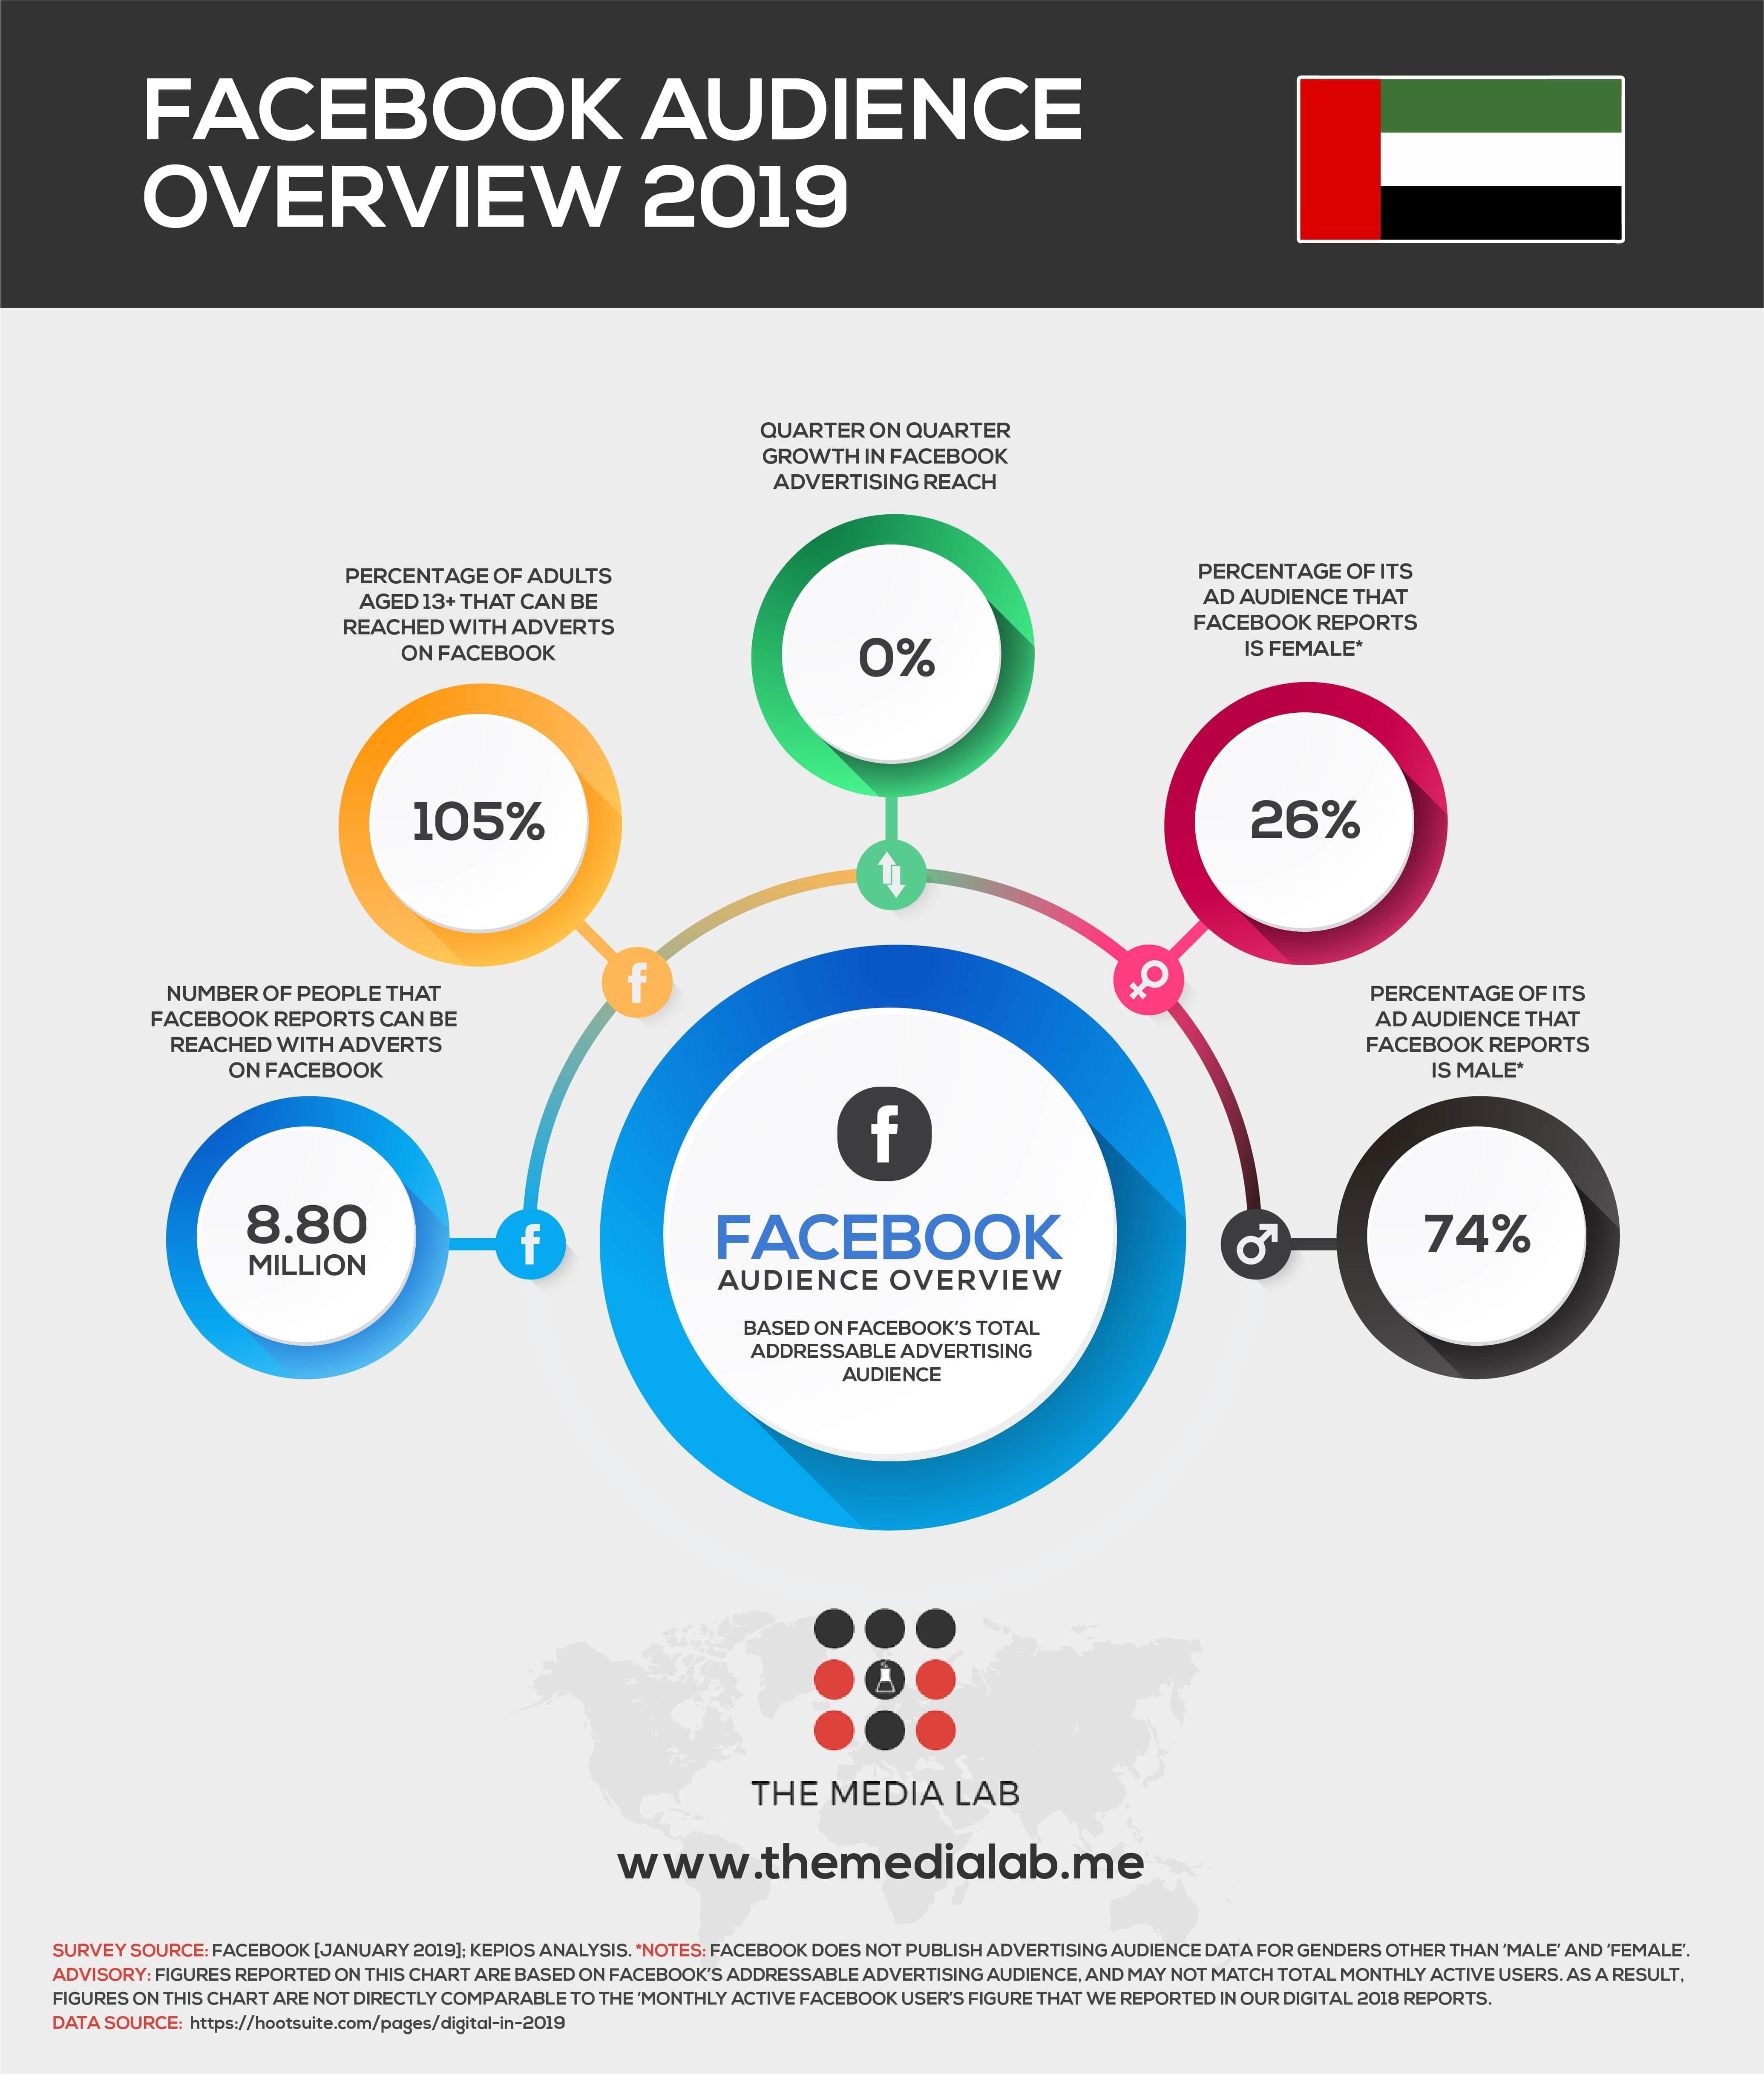 Facebook user in UAE 2019